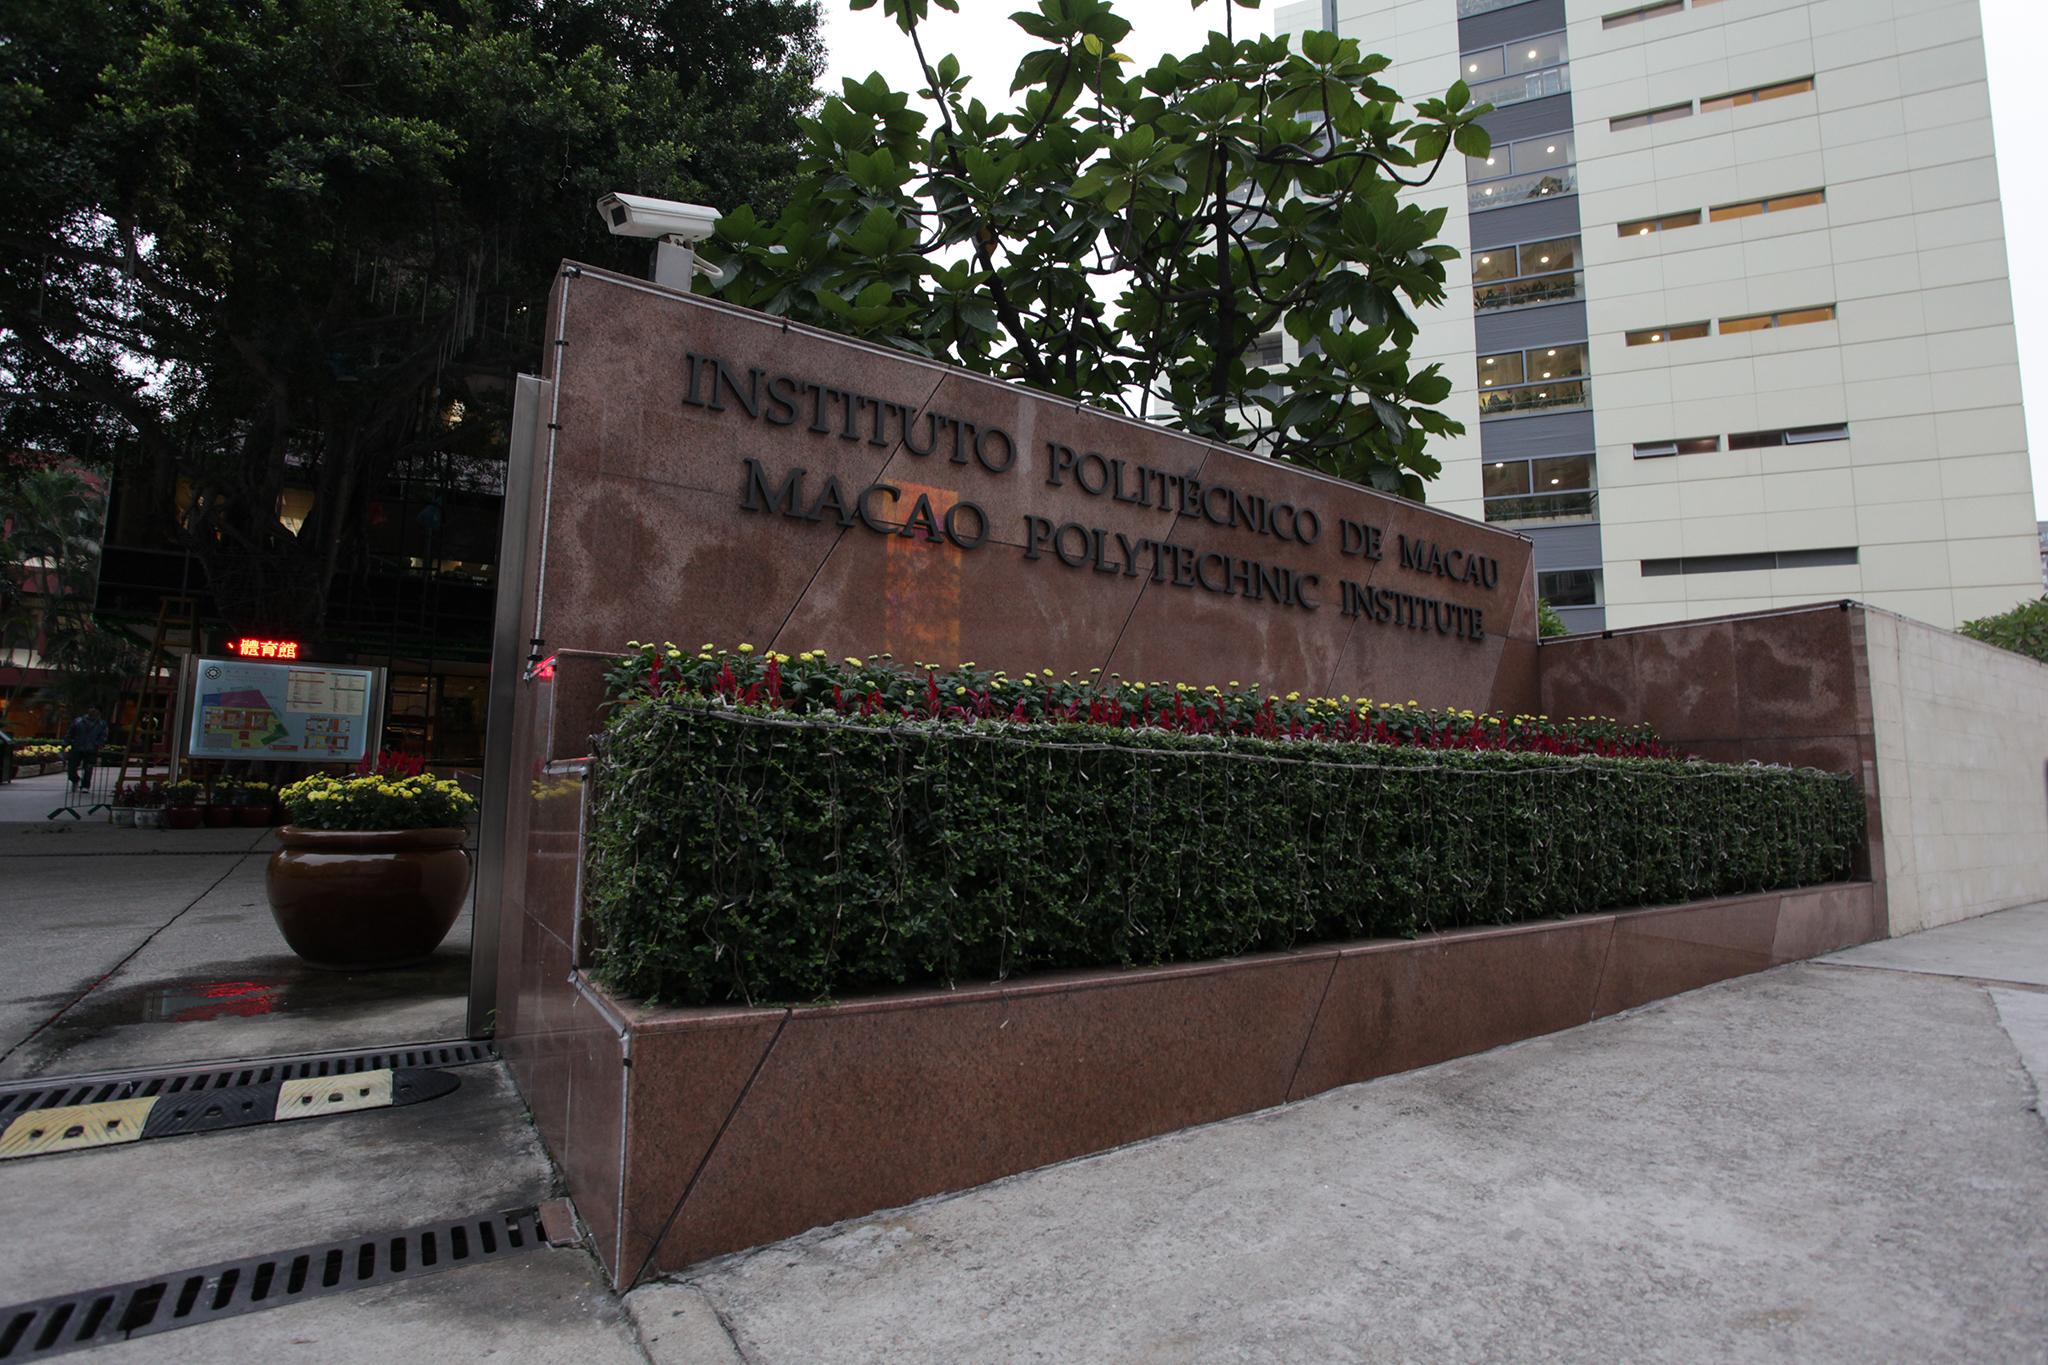 Conferência   Especialistas de tradução reunidos em Macau na próxima semana